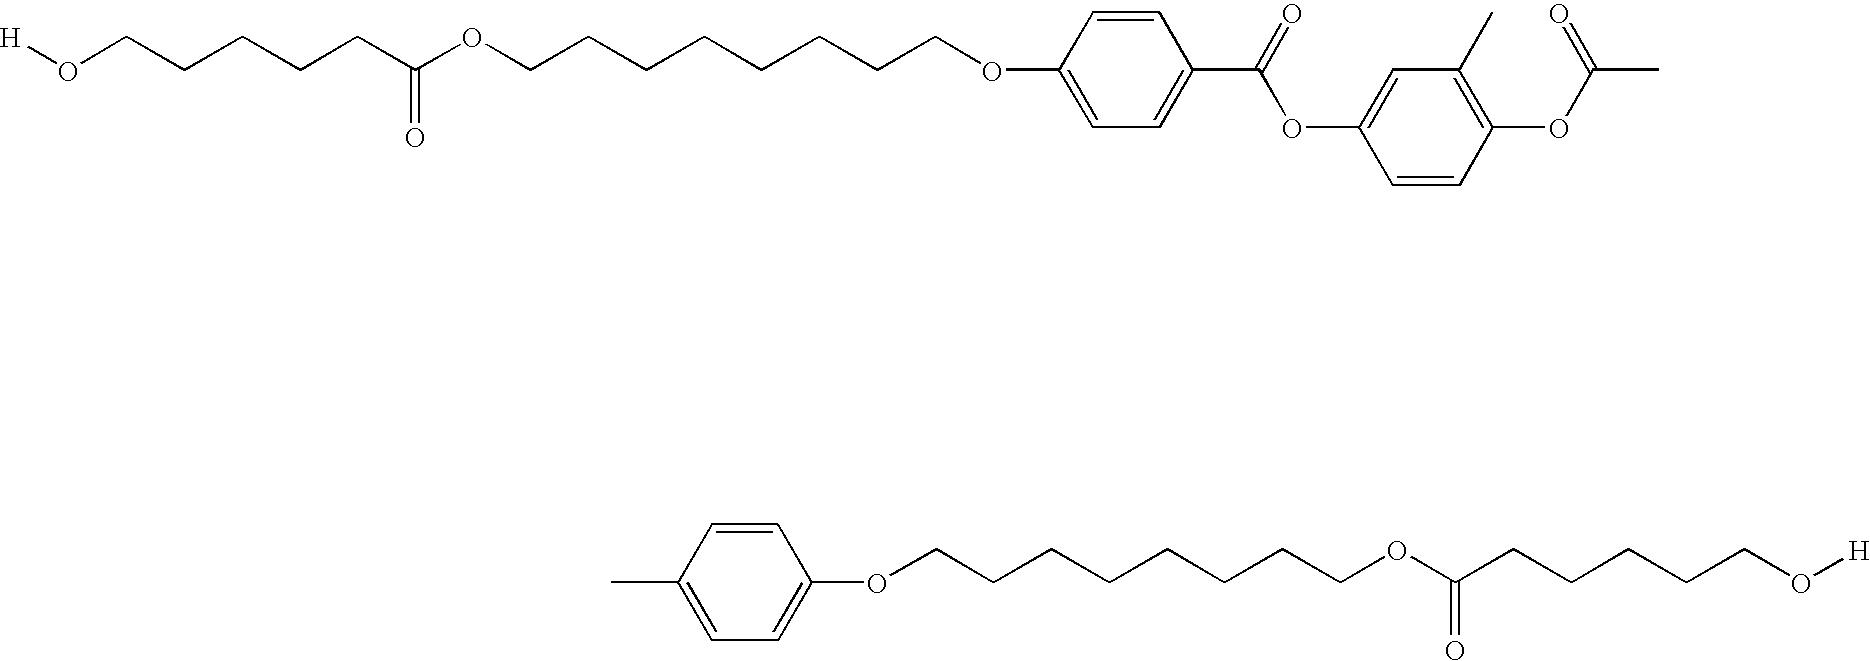 Figure US20100014010A1-20100121-C00066